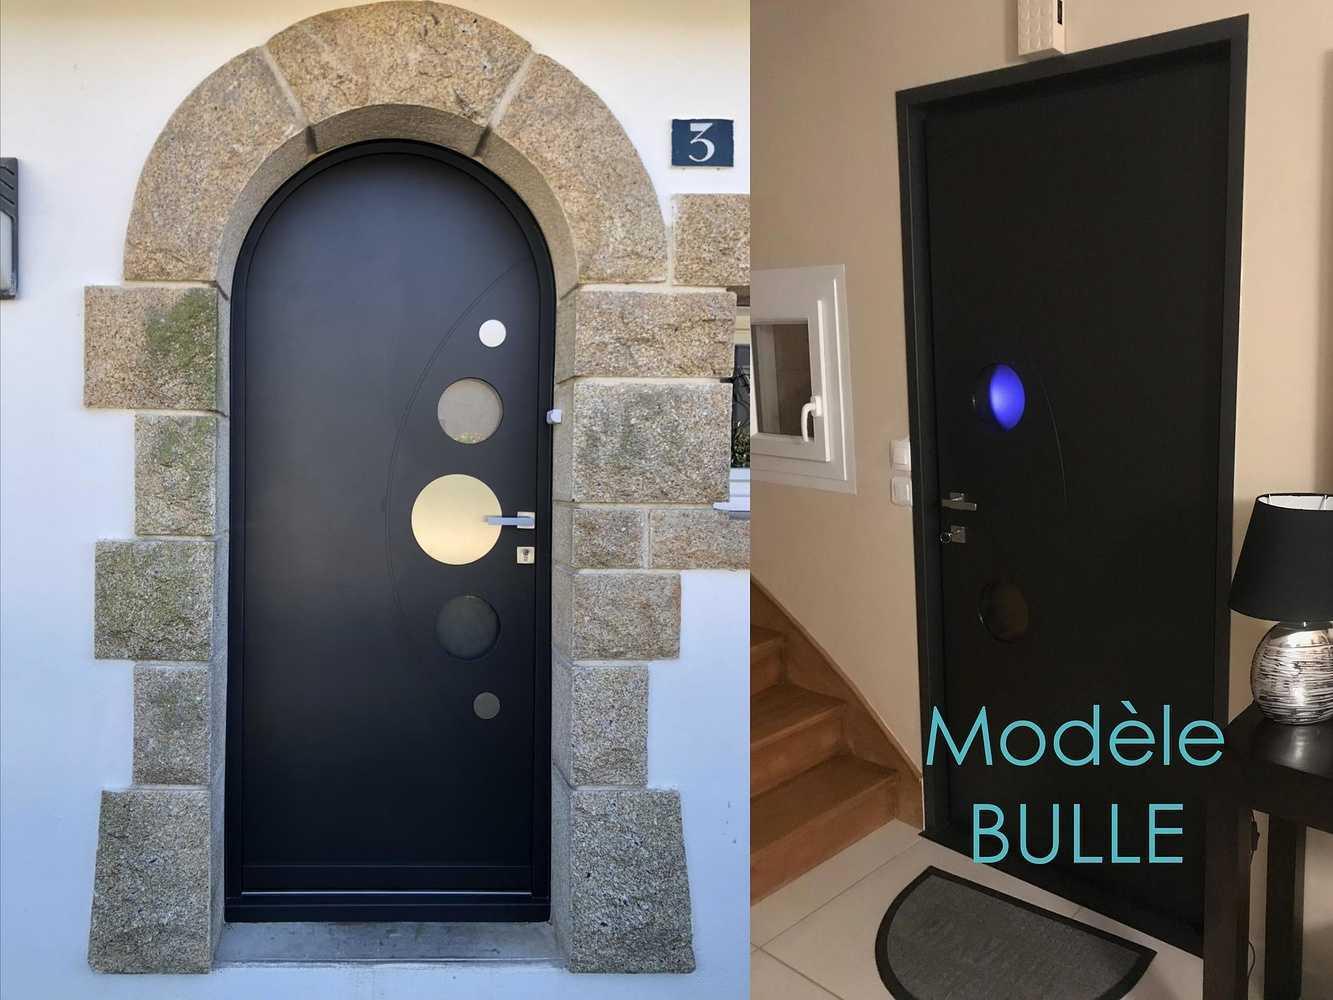 Porte d''entrée - Modèle Bulle 0